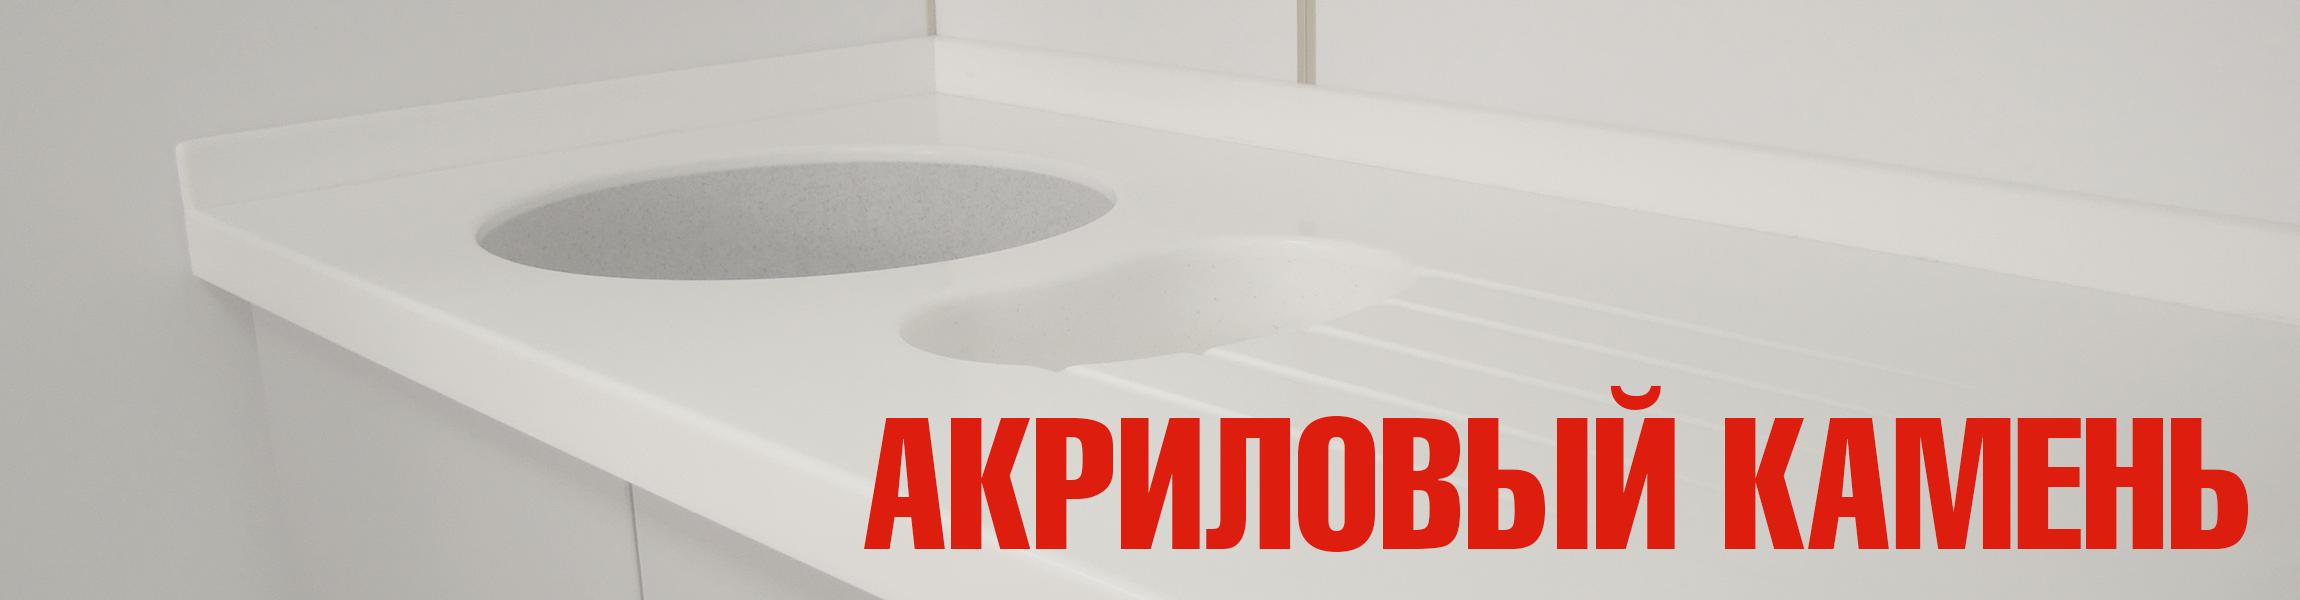 Akril_2300x600